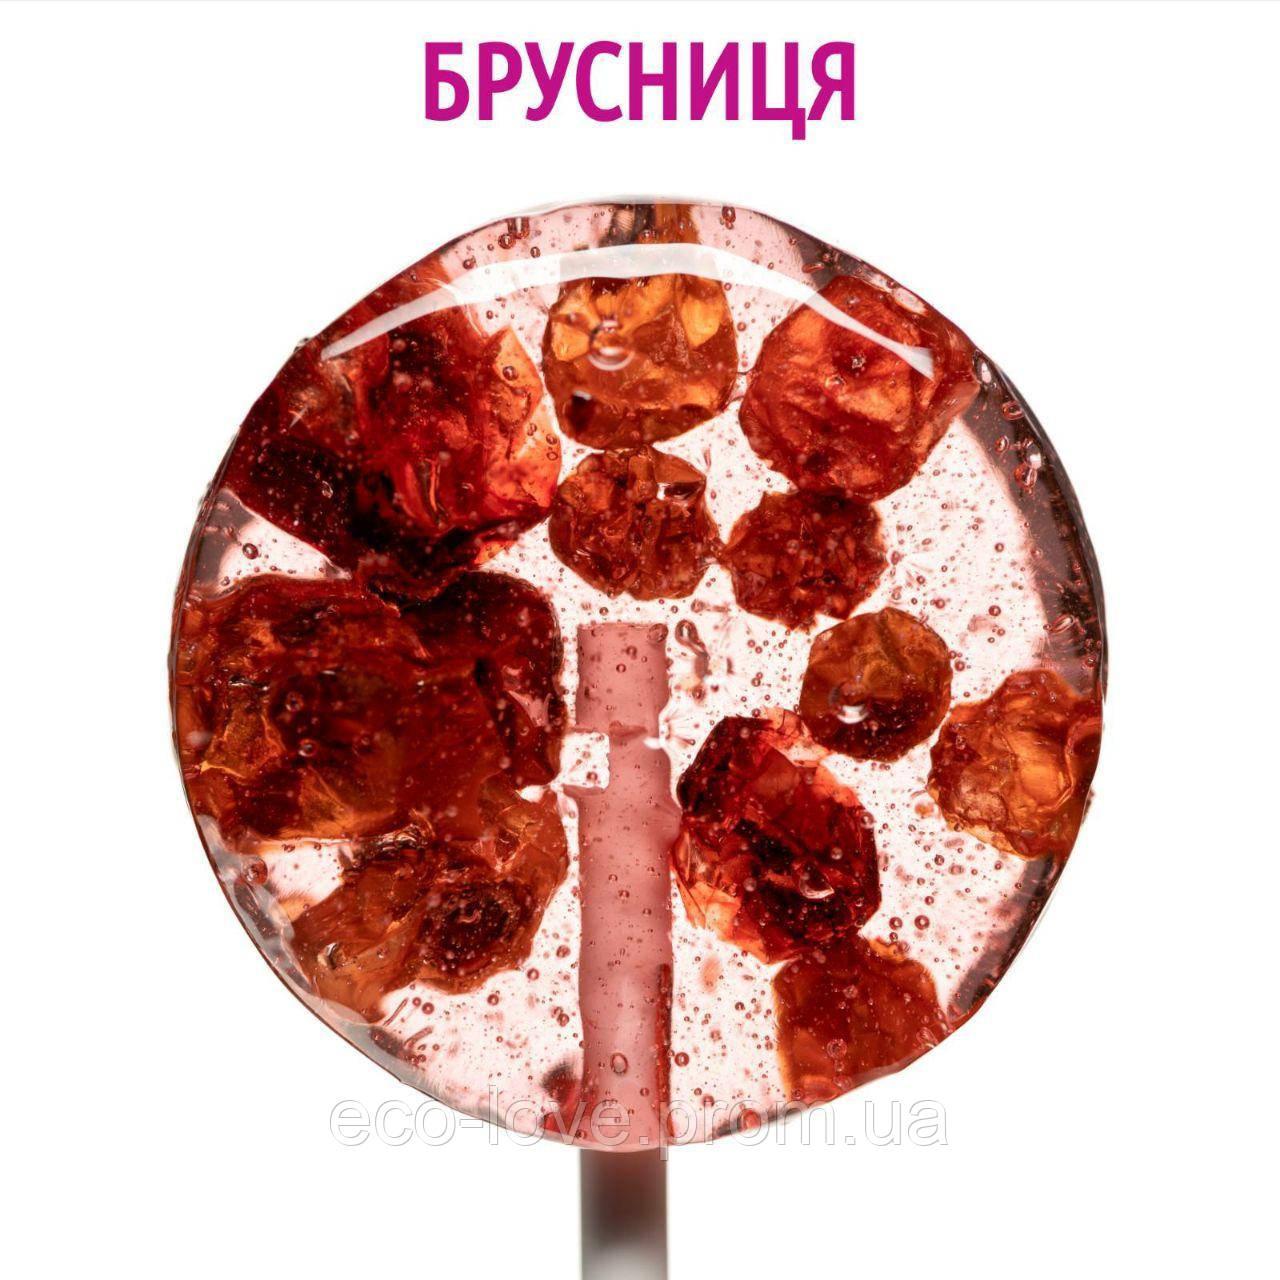 Натуральный леденец с клубникой и брусникой, 10 г, TM GOGODZA